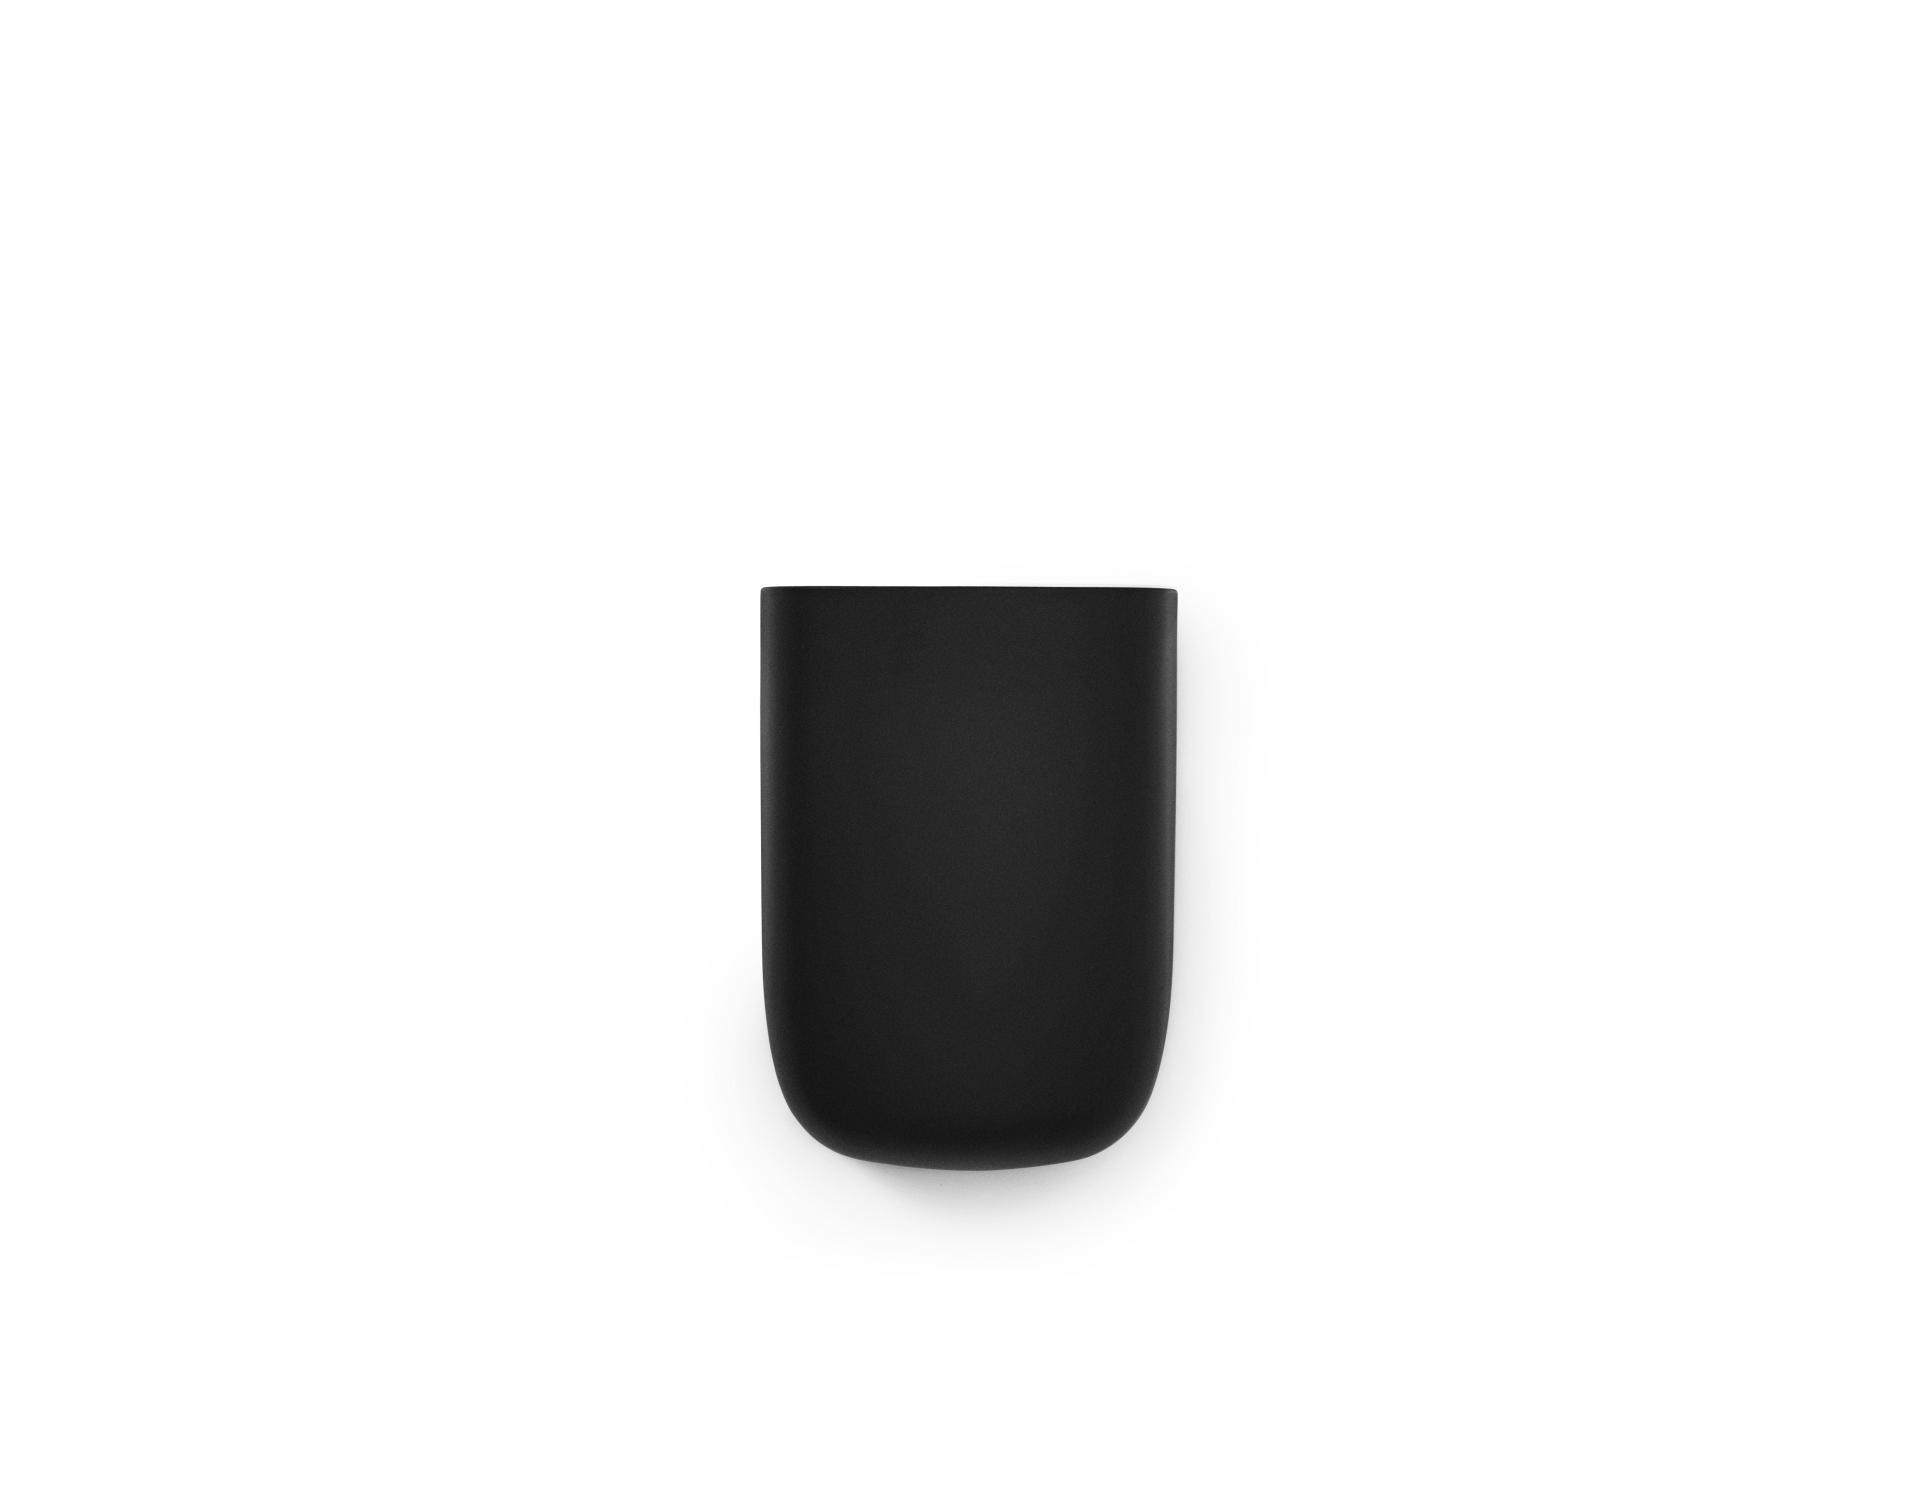 normann COPENHAGEN Nástěnný organizér Black Pocket 3, černá barva, plast